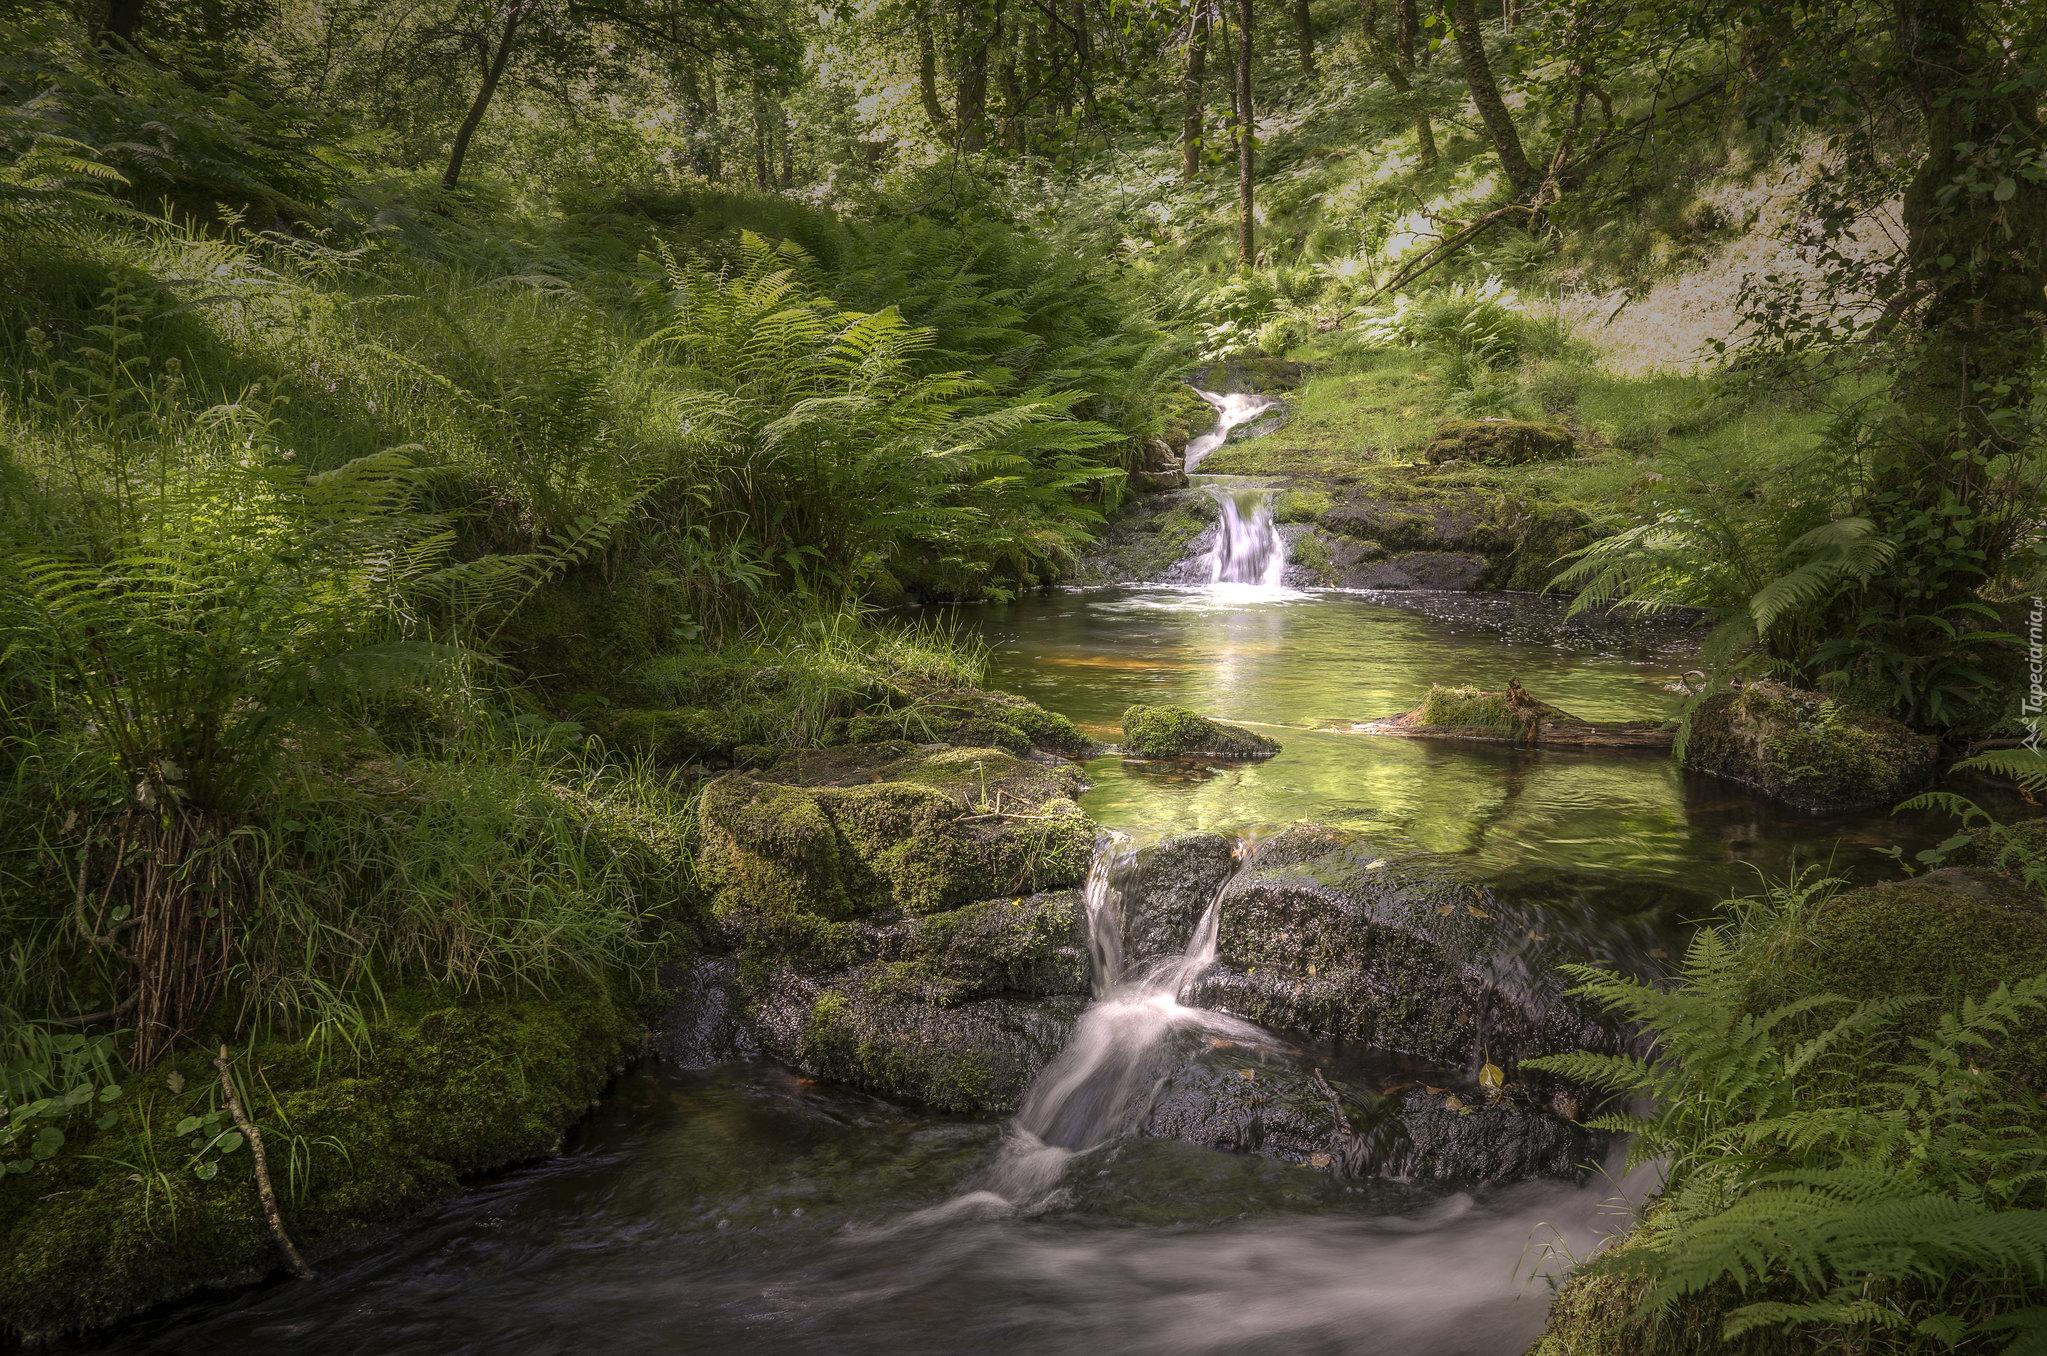 tapeta-omszale-kamienie-i-paprocie-przy-lesnym-potoku.jpg